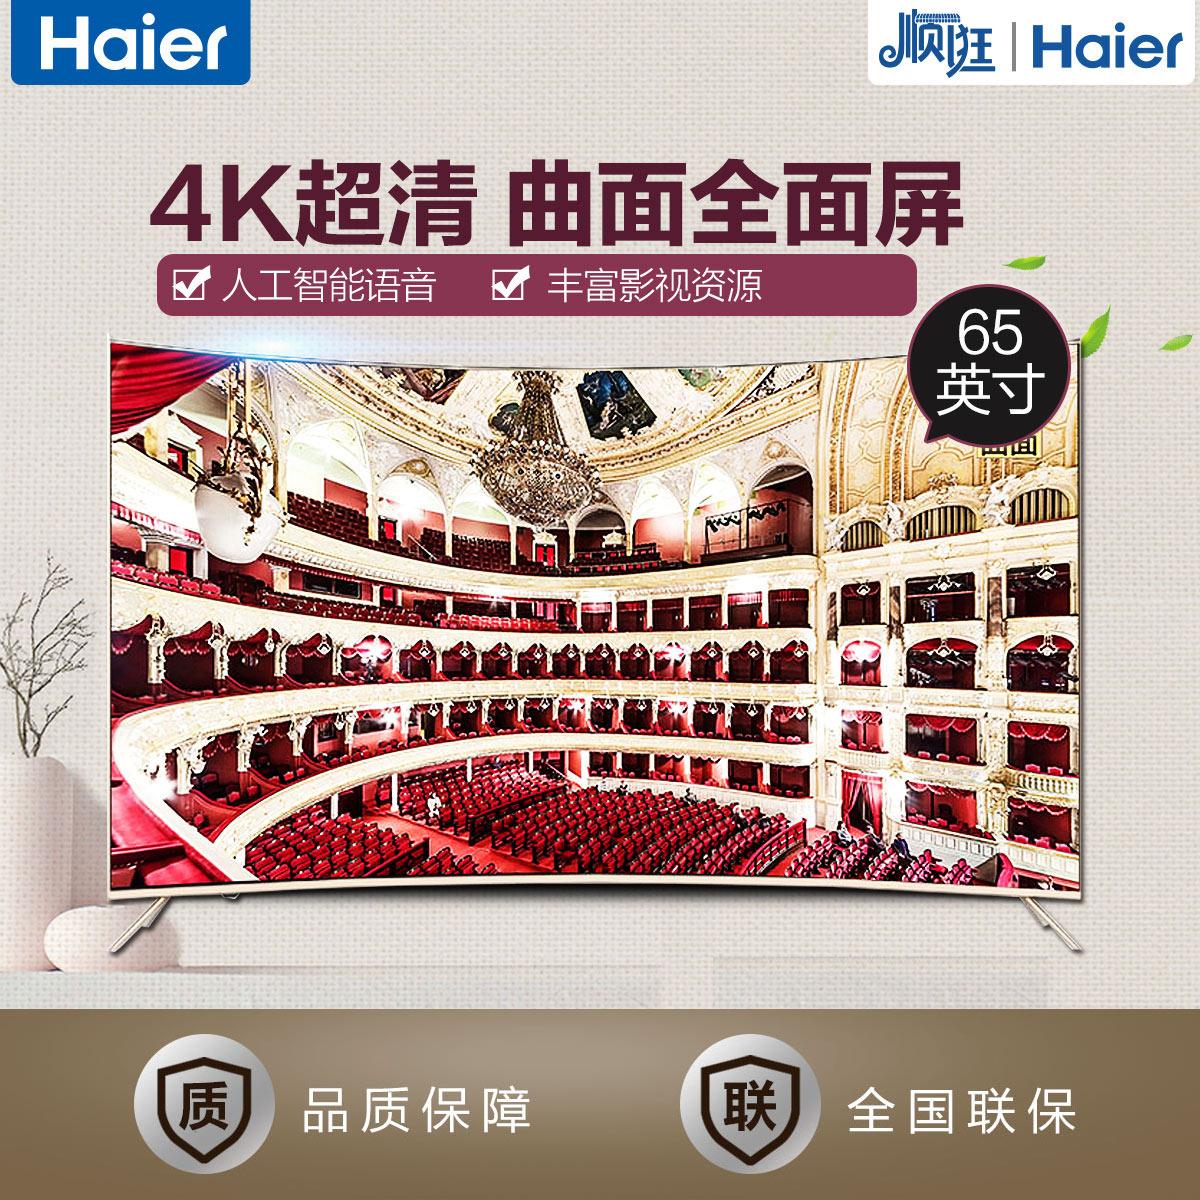 Haier/海尔             曲面屏电视             LQ65H31G